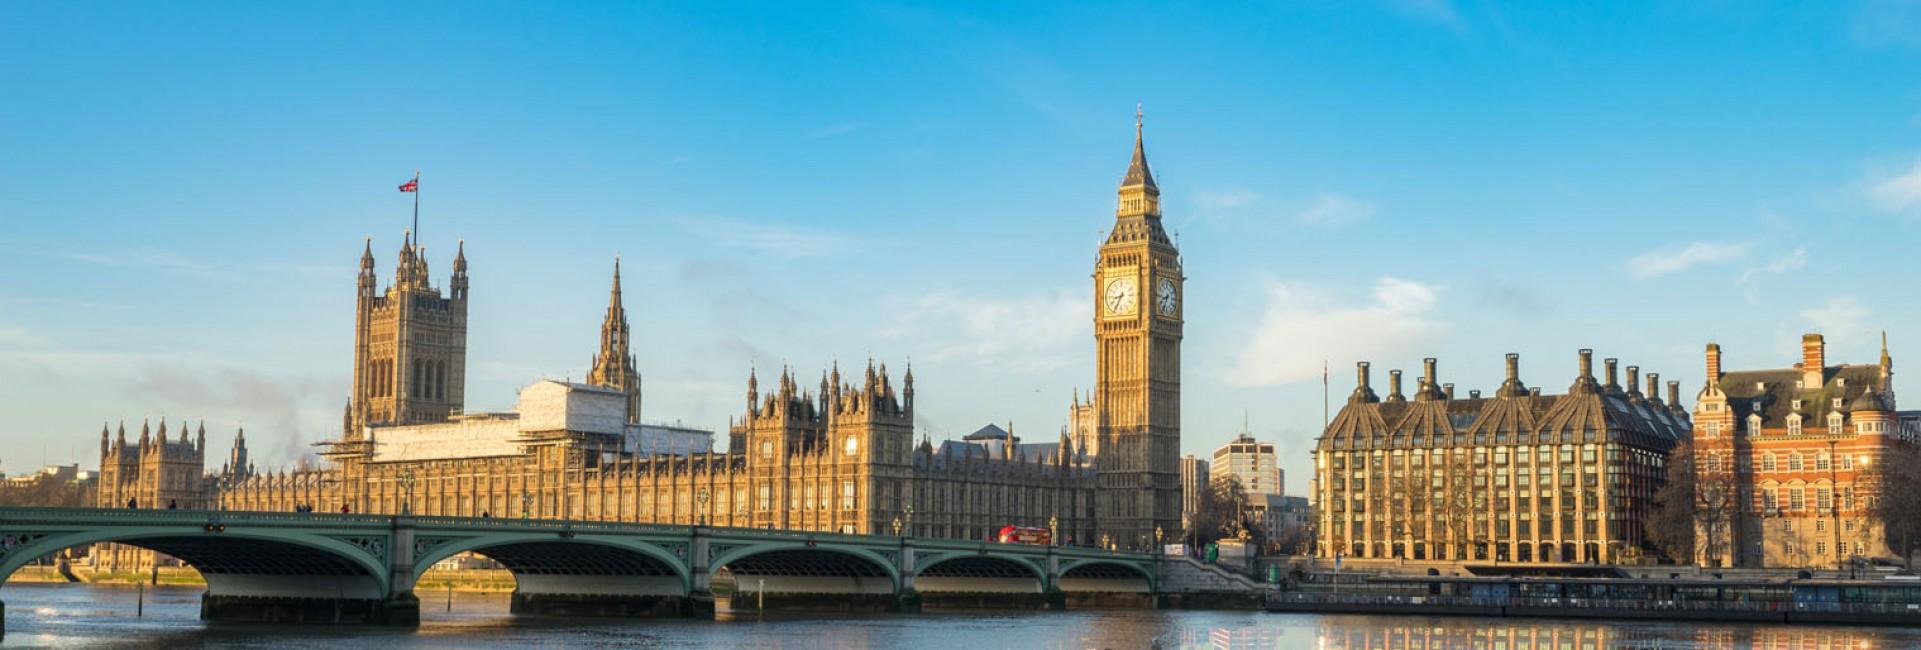 banner-central-london.jpg